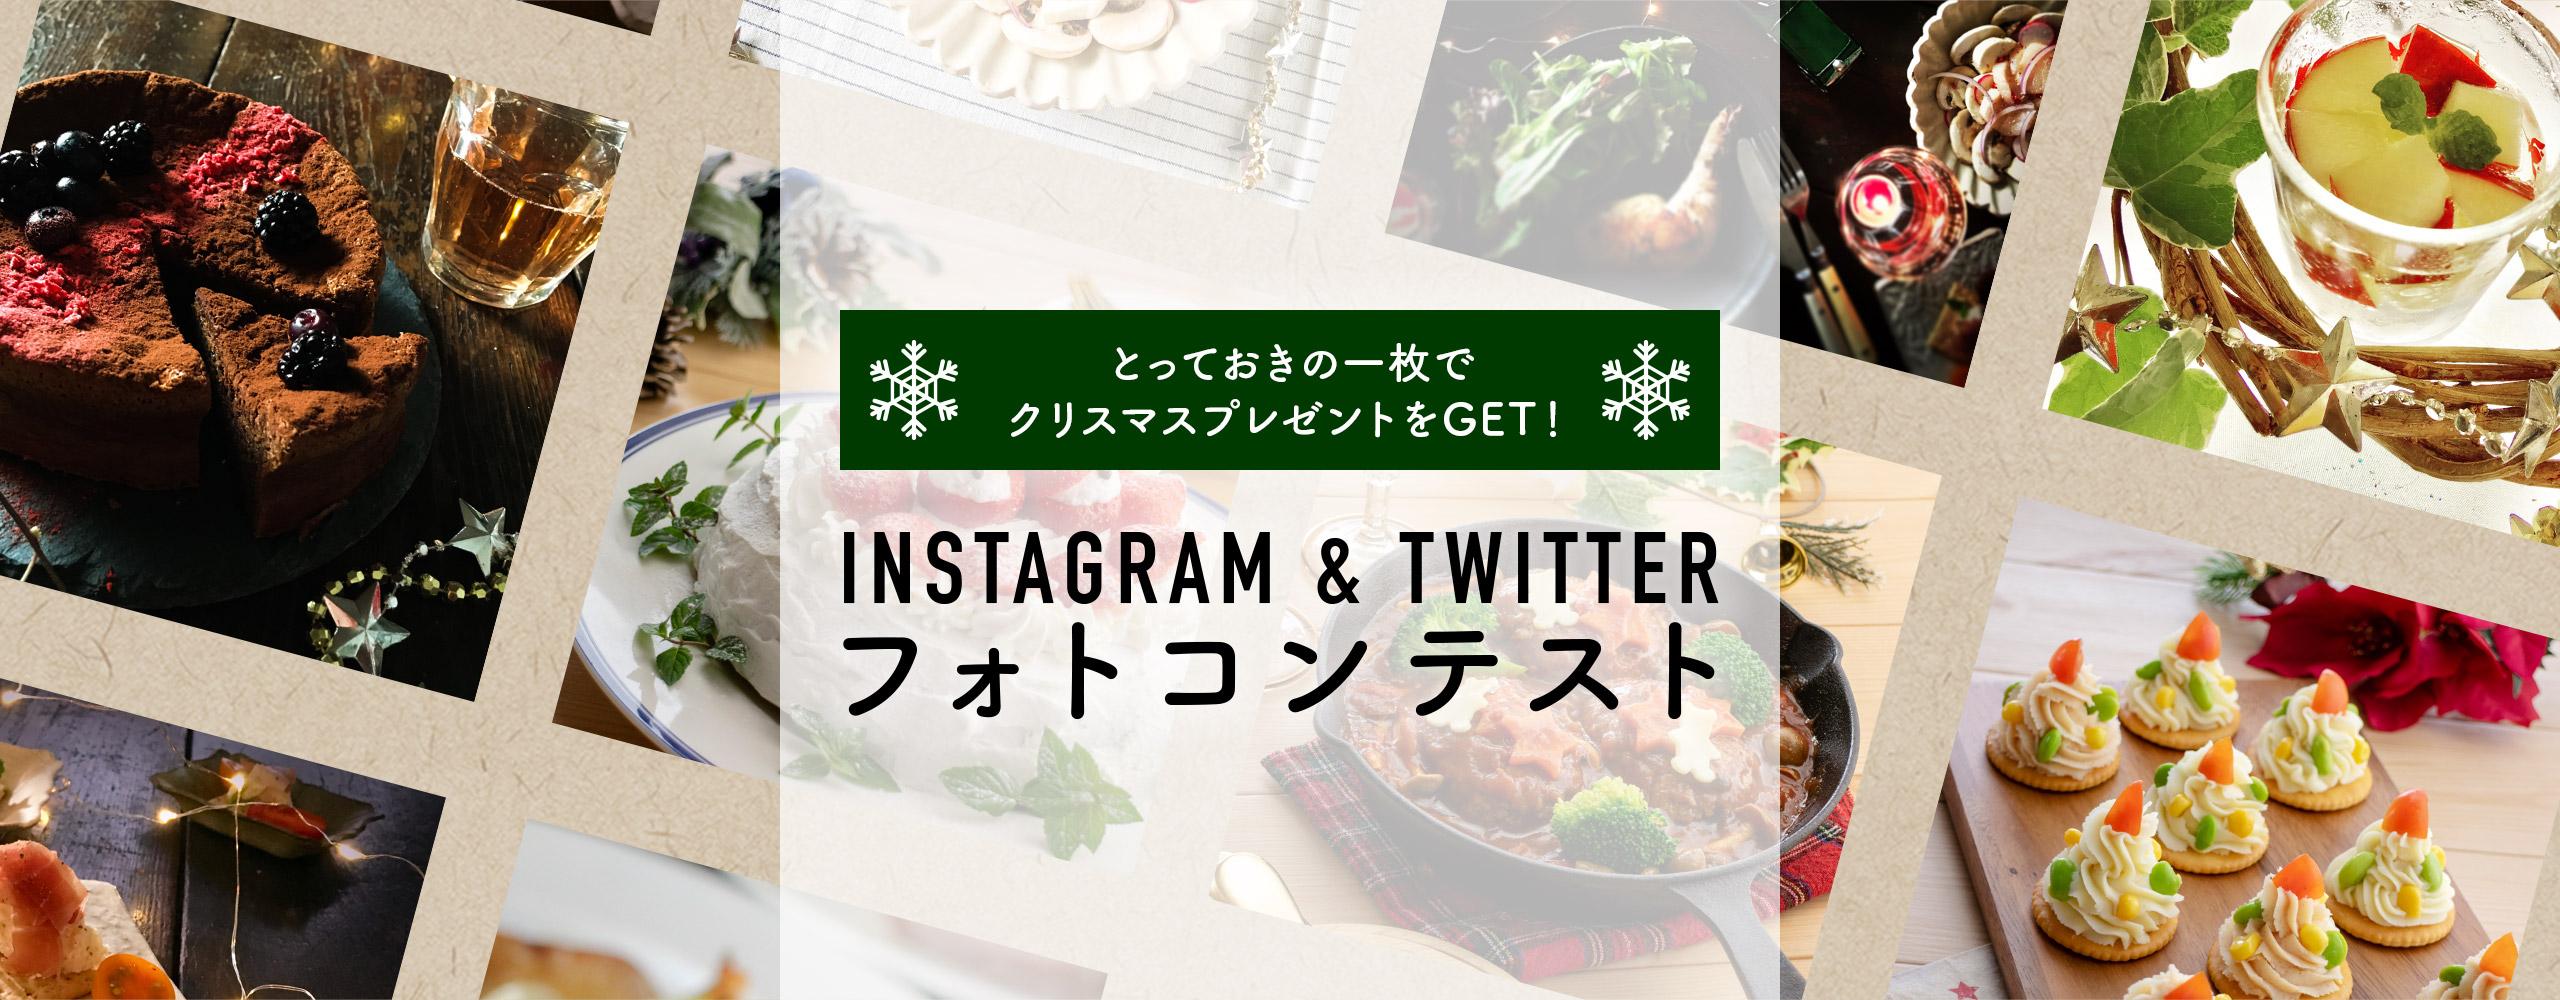 とっておきの一枚でクリスマスプレゼントをGET!Instagram&Twitterフォトコンテスト